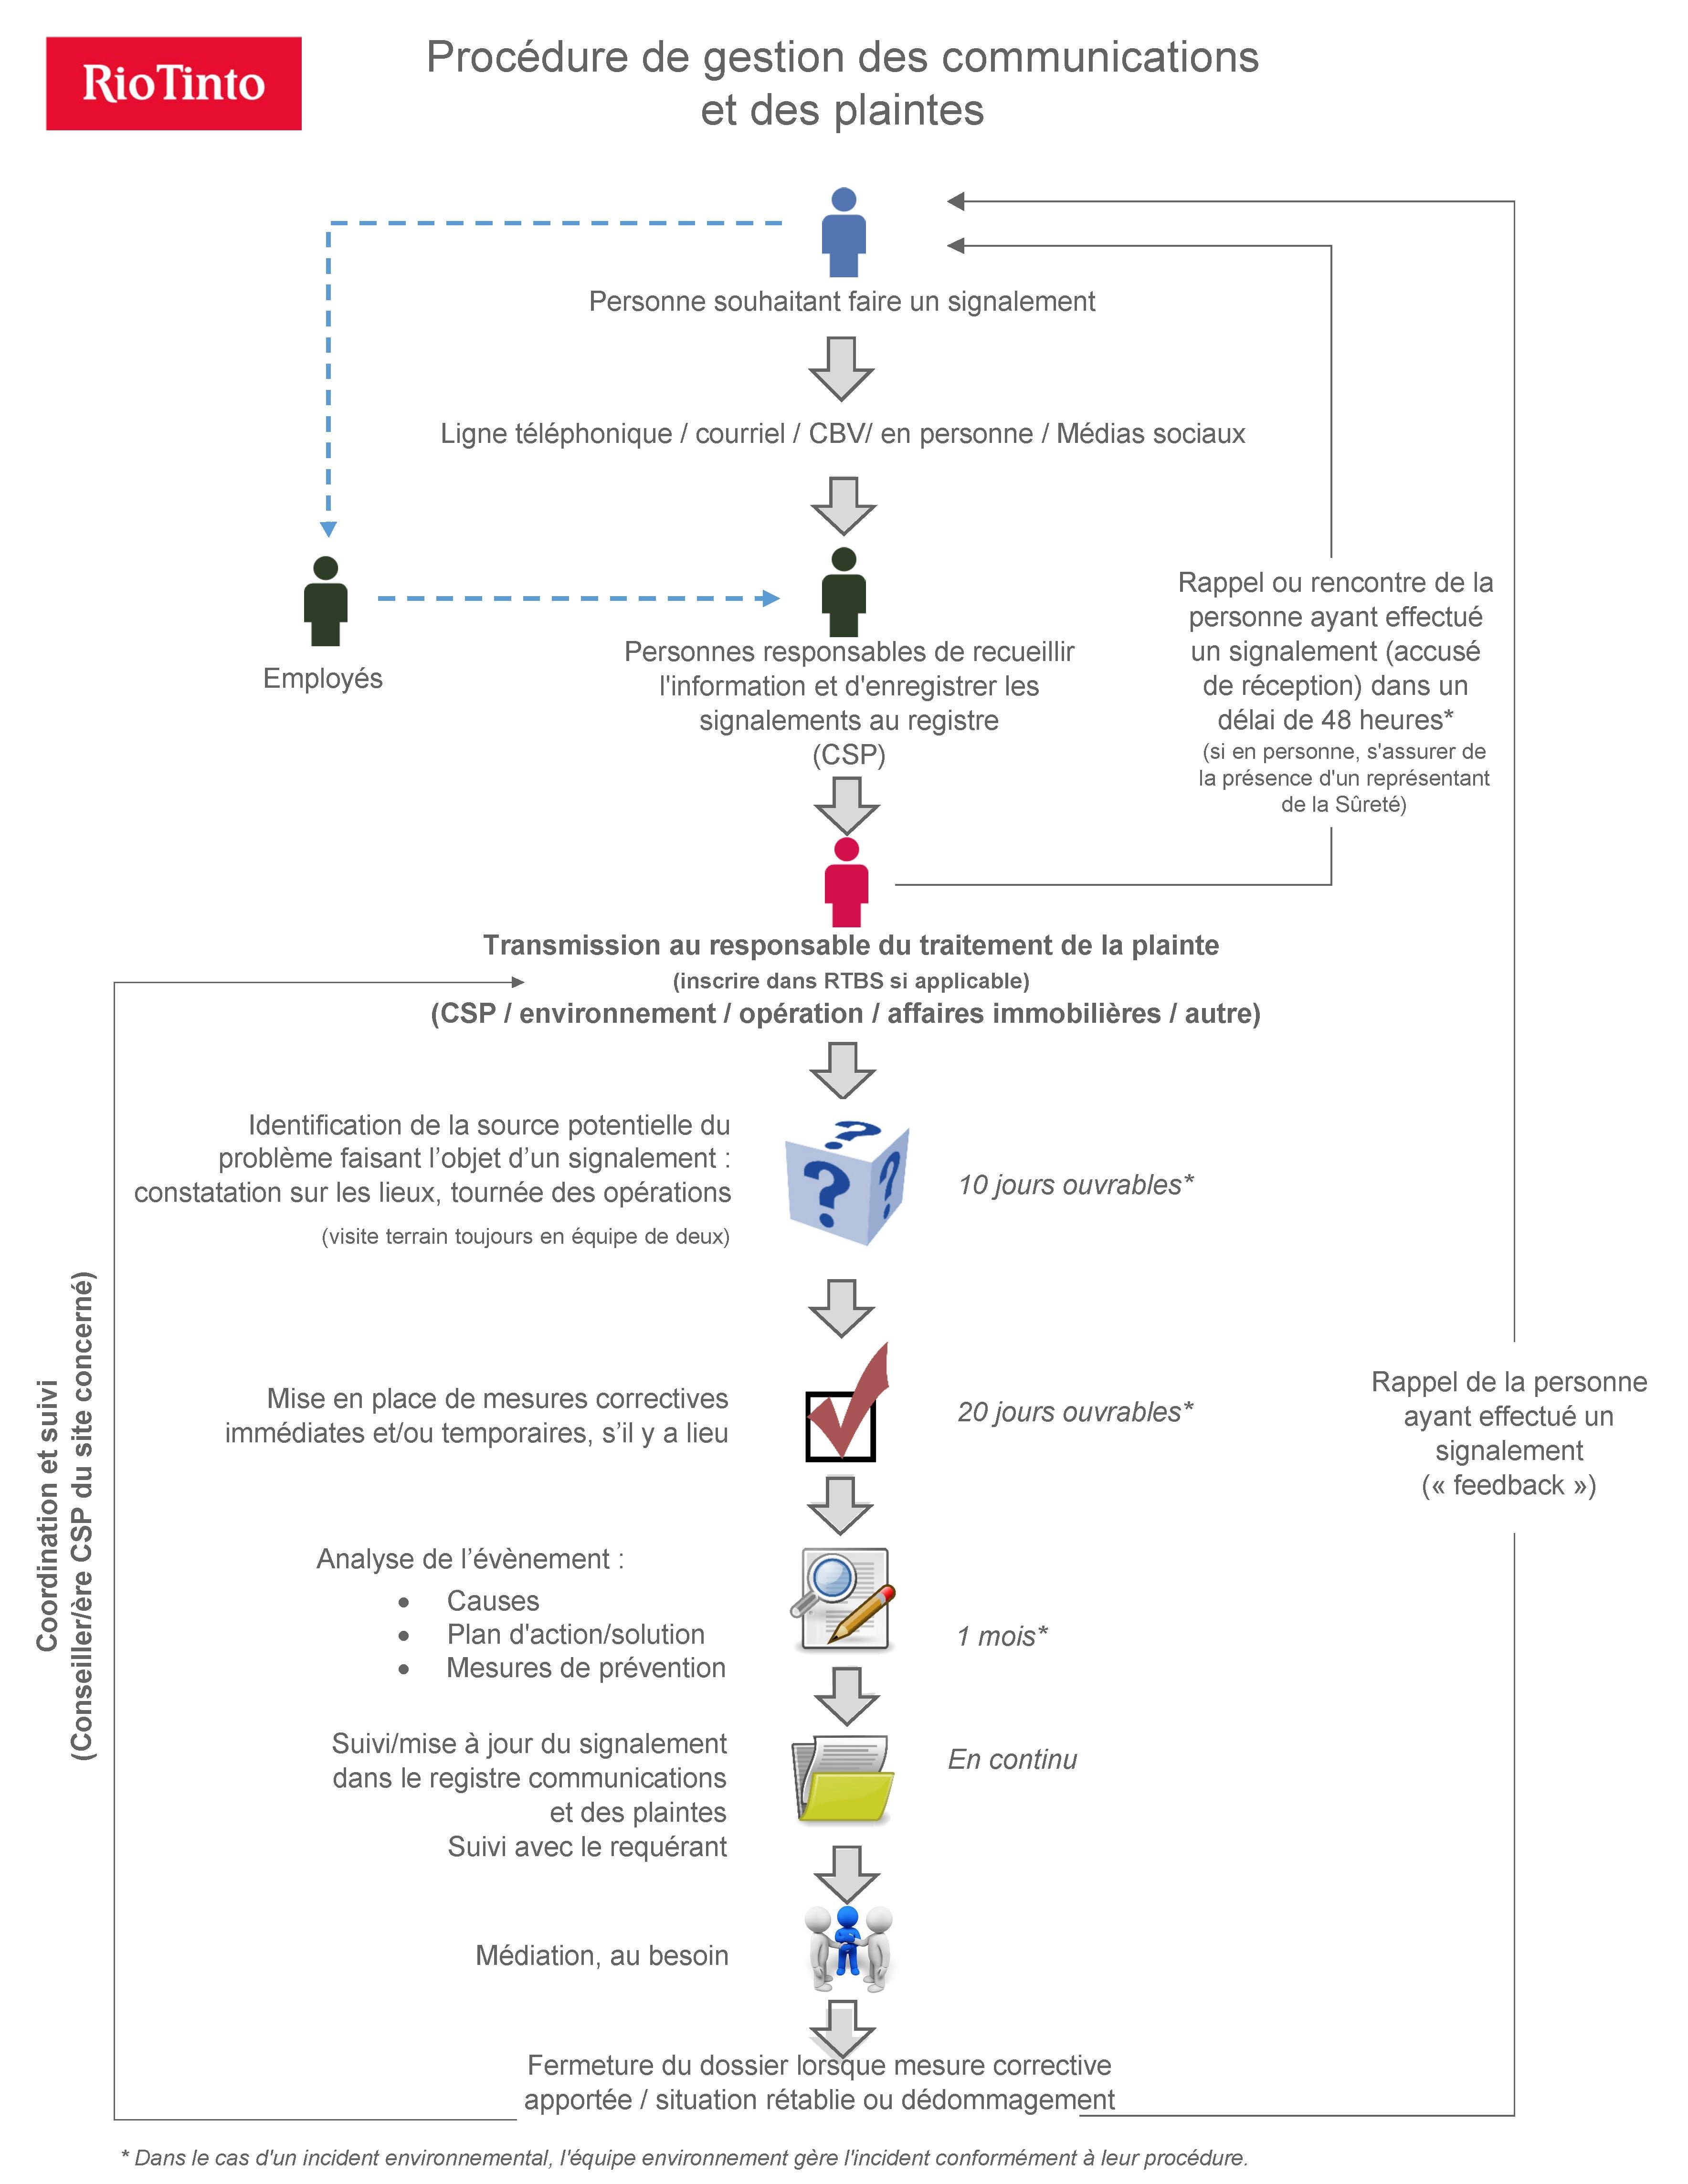 Image gestion des plaintes_23fev2021.jpg